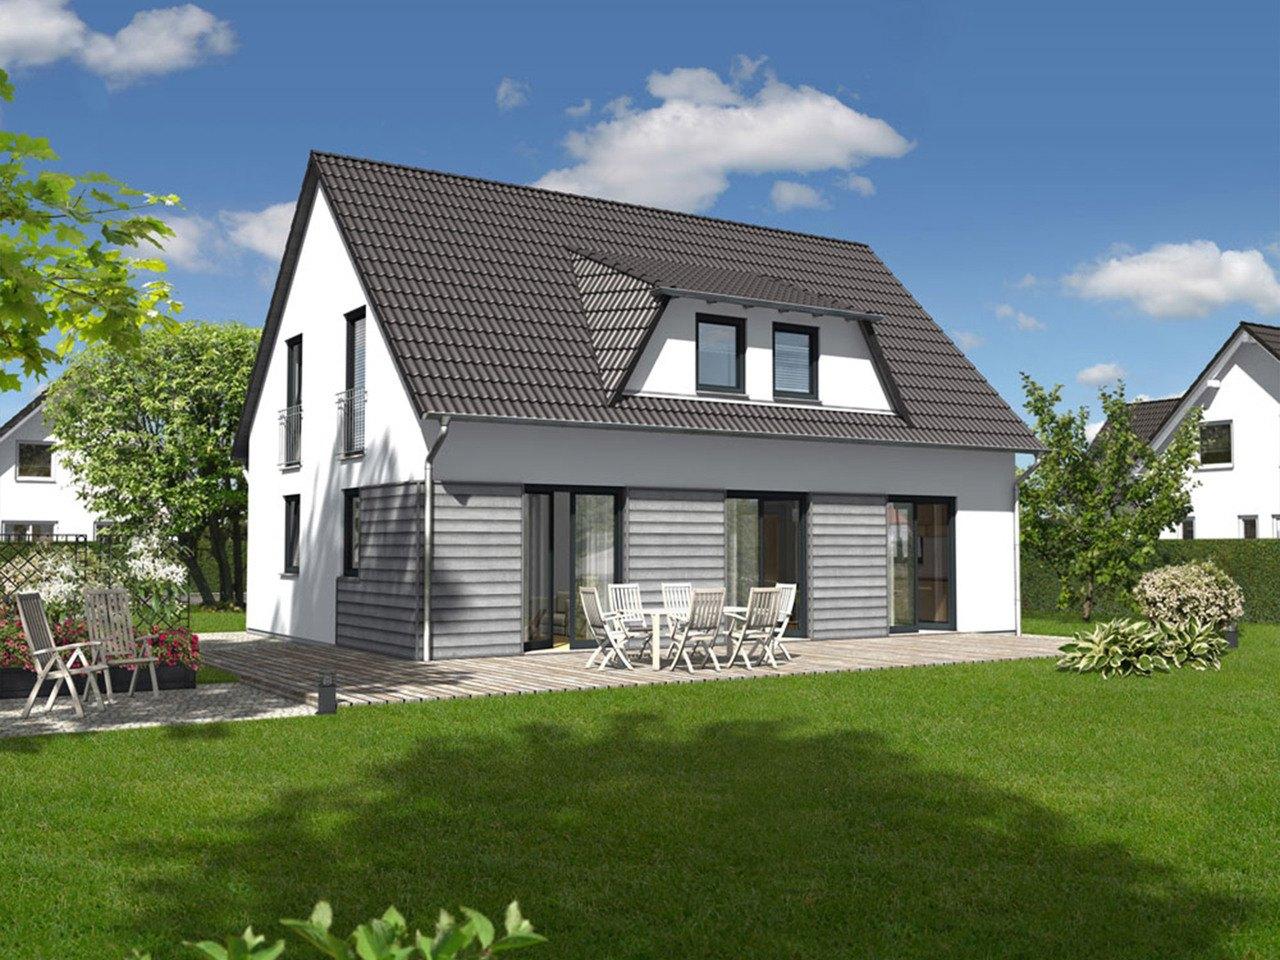 Landhaus 142 Elegance von EVIRA Hausprojekt